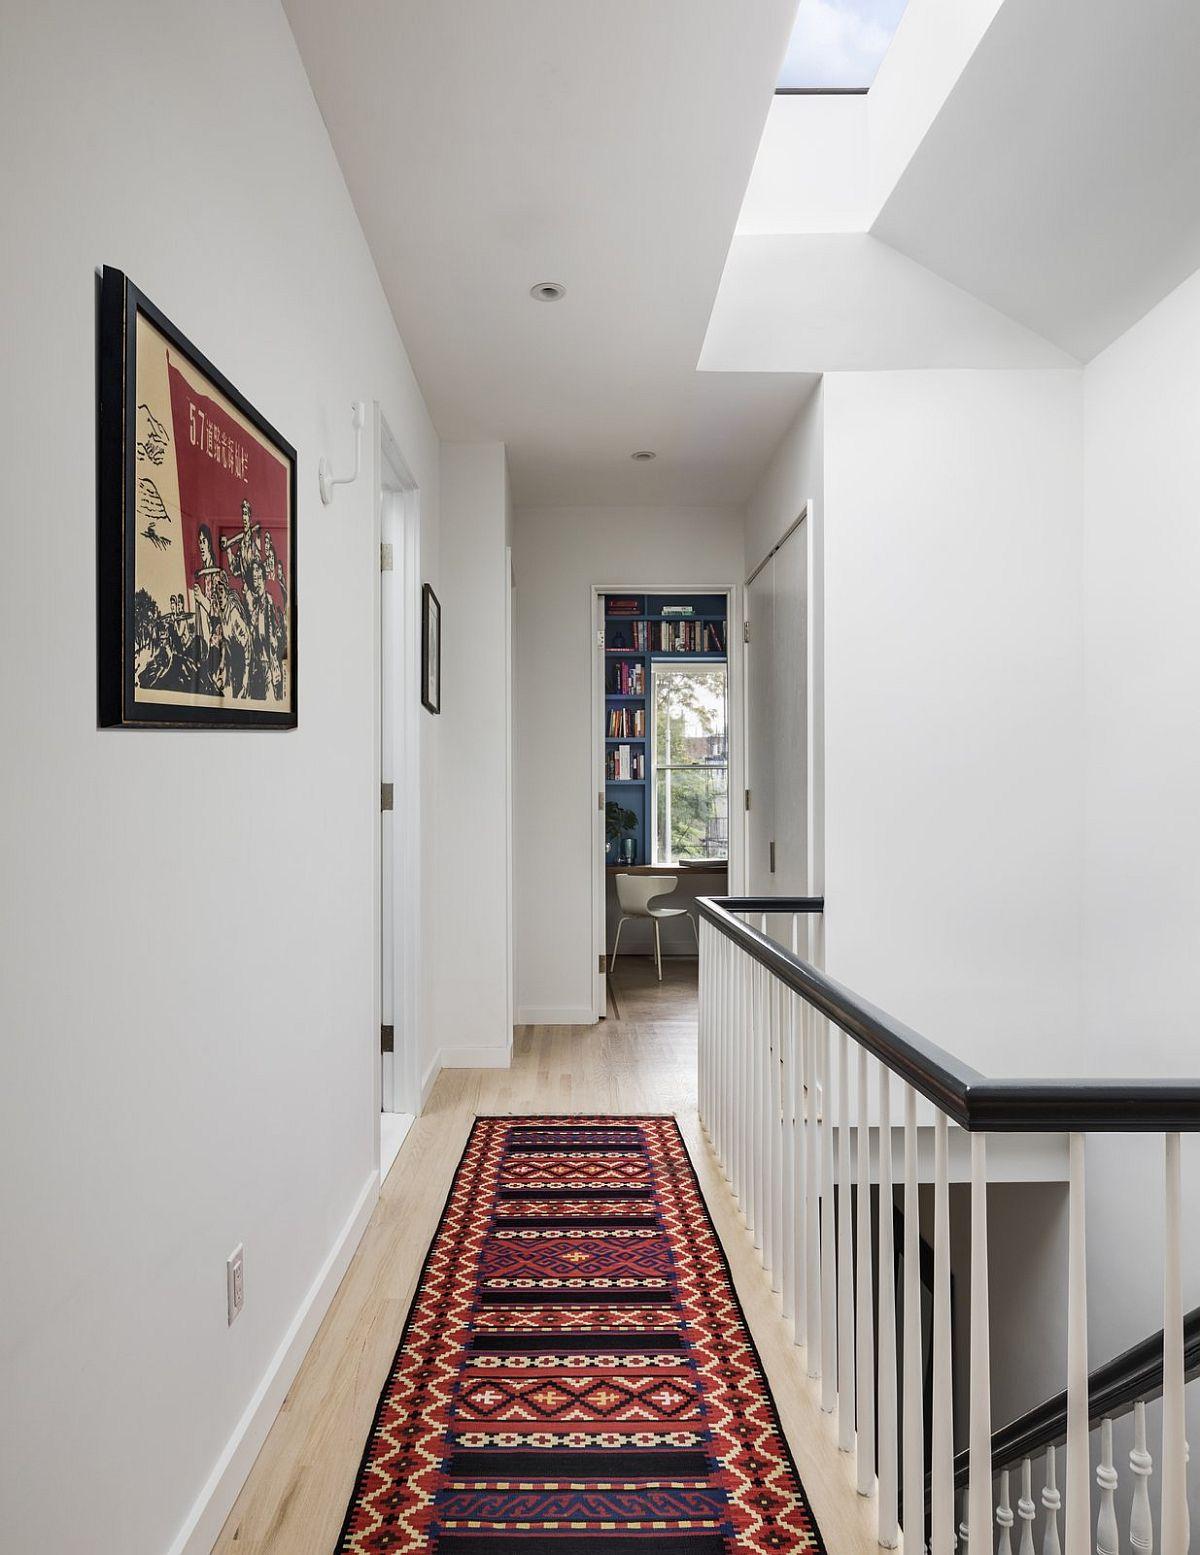 Etajul găzduiește pe lângă cele două dormitoare și un mic spațiu de birou orientat către o zonă cu vegetație.